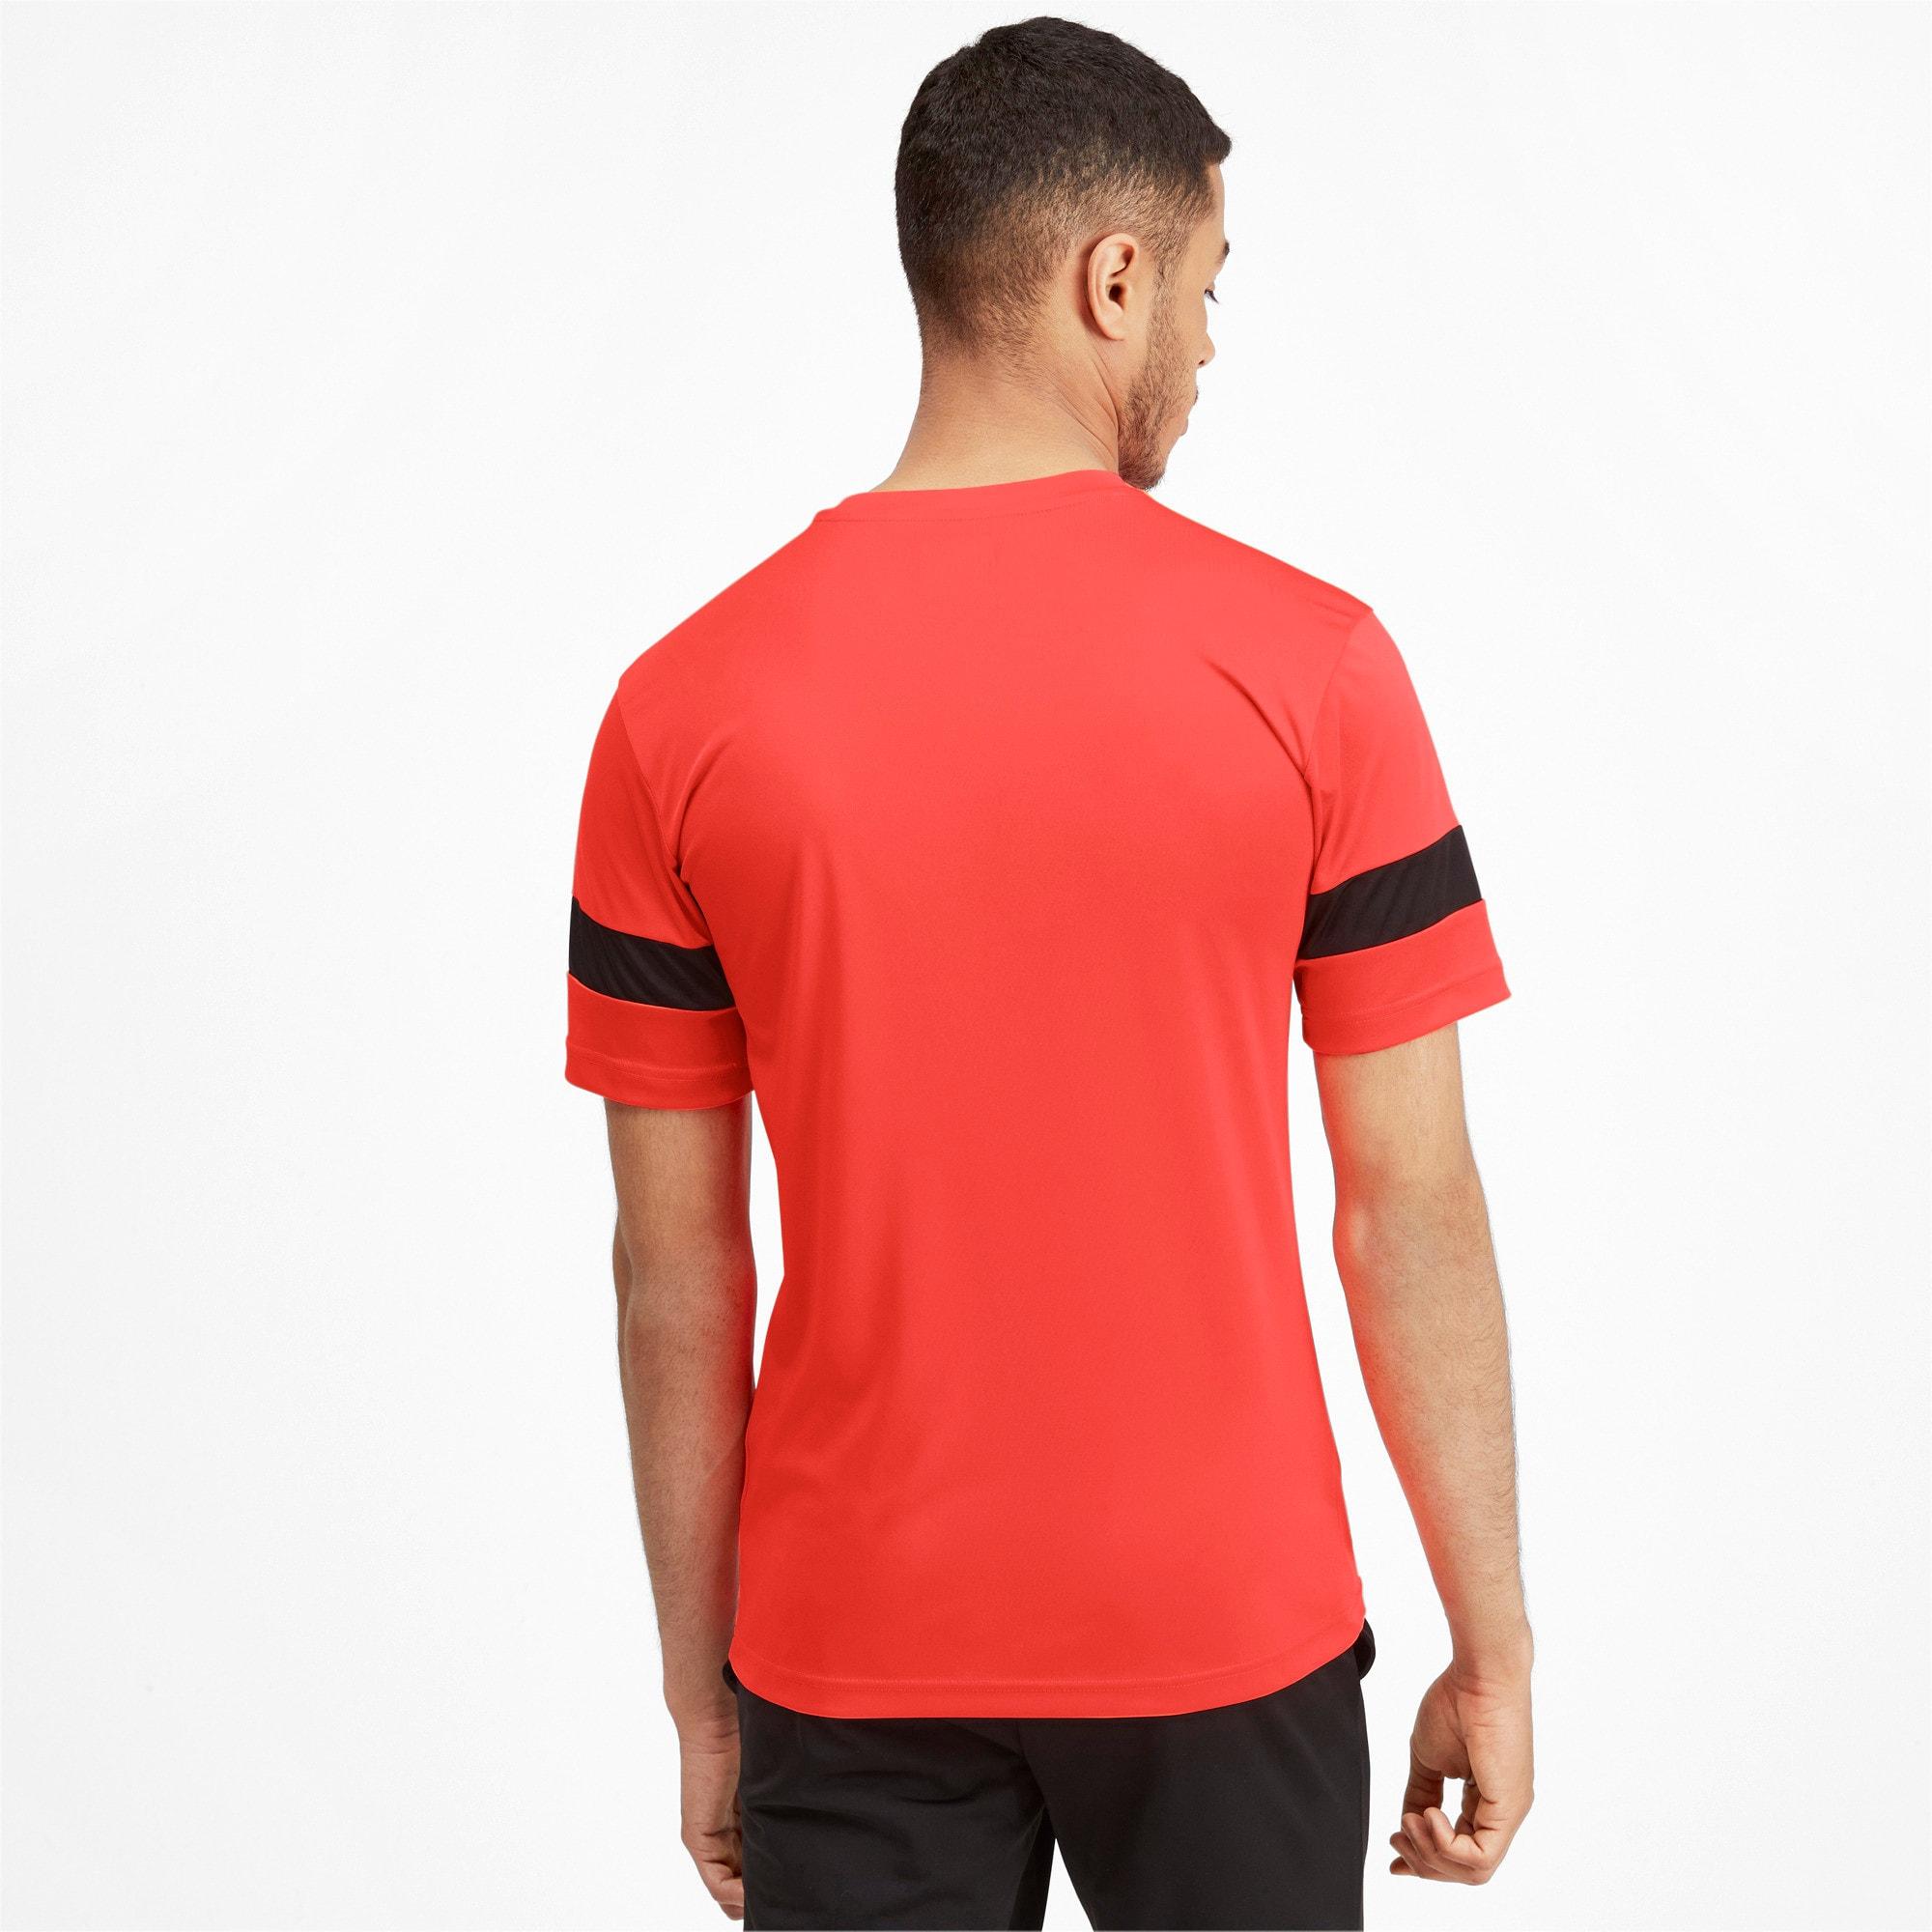 Thumbnail 2 of Maillot pour l'entraînement PLAY pour homme, Nrgy Red-Puma Black, medium